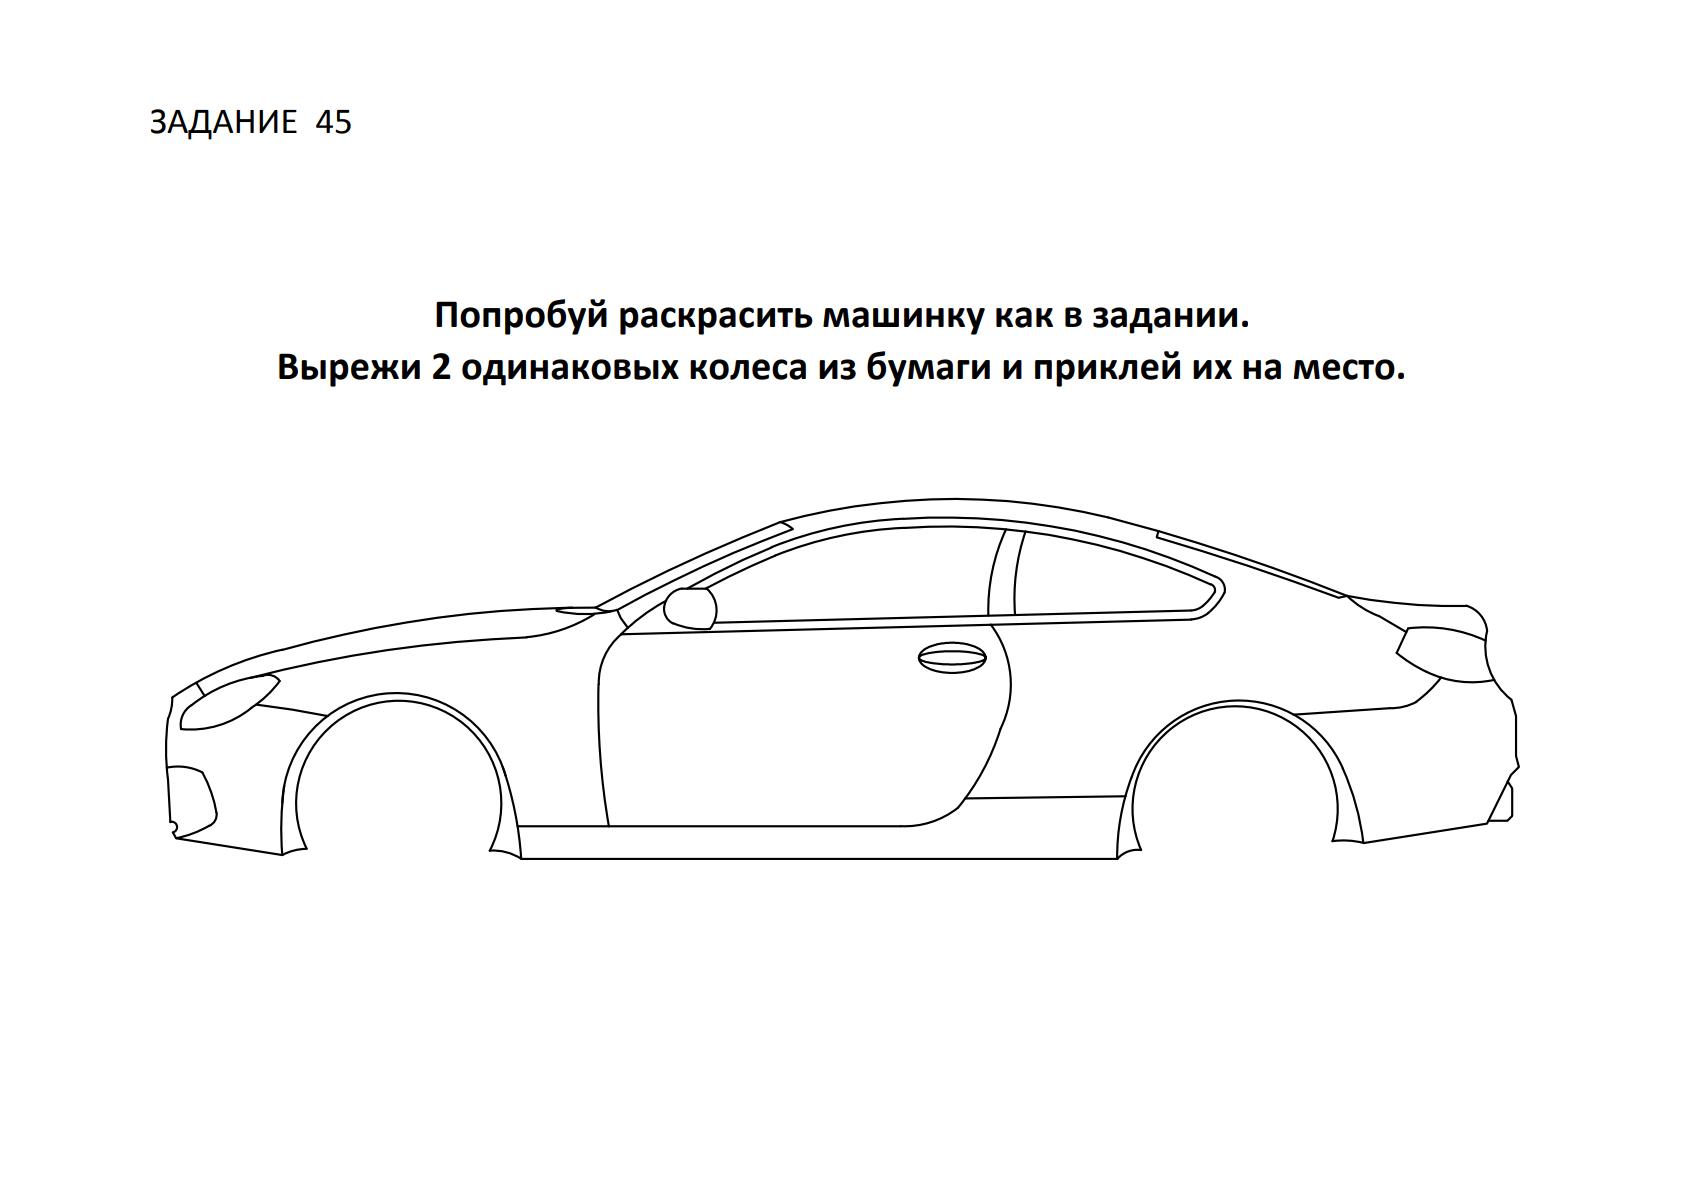 Машинка к которой нужно подобрать колеса. Задание 45 в тест игре Ольгины Задачки.